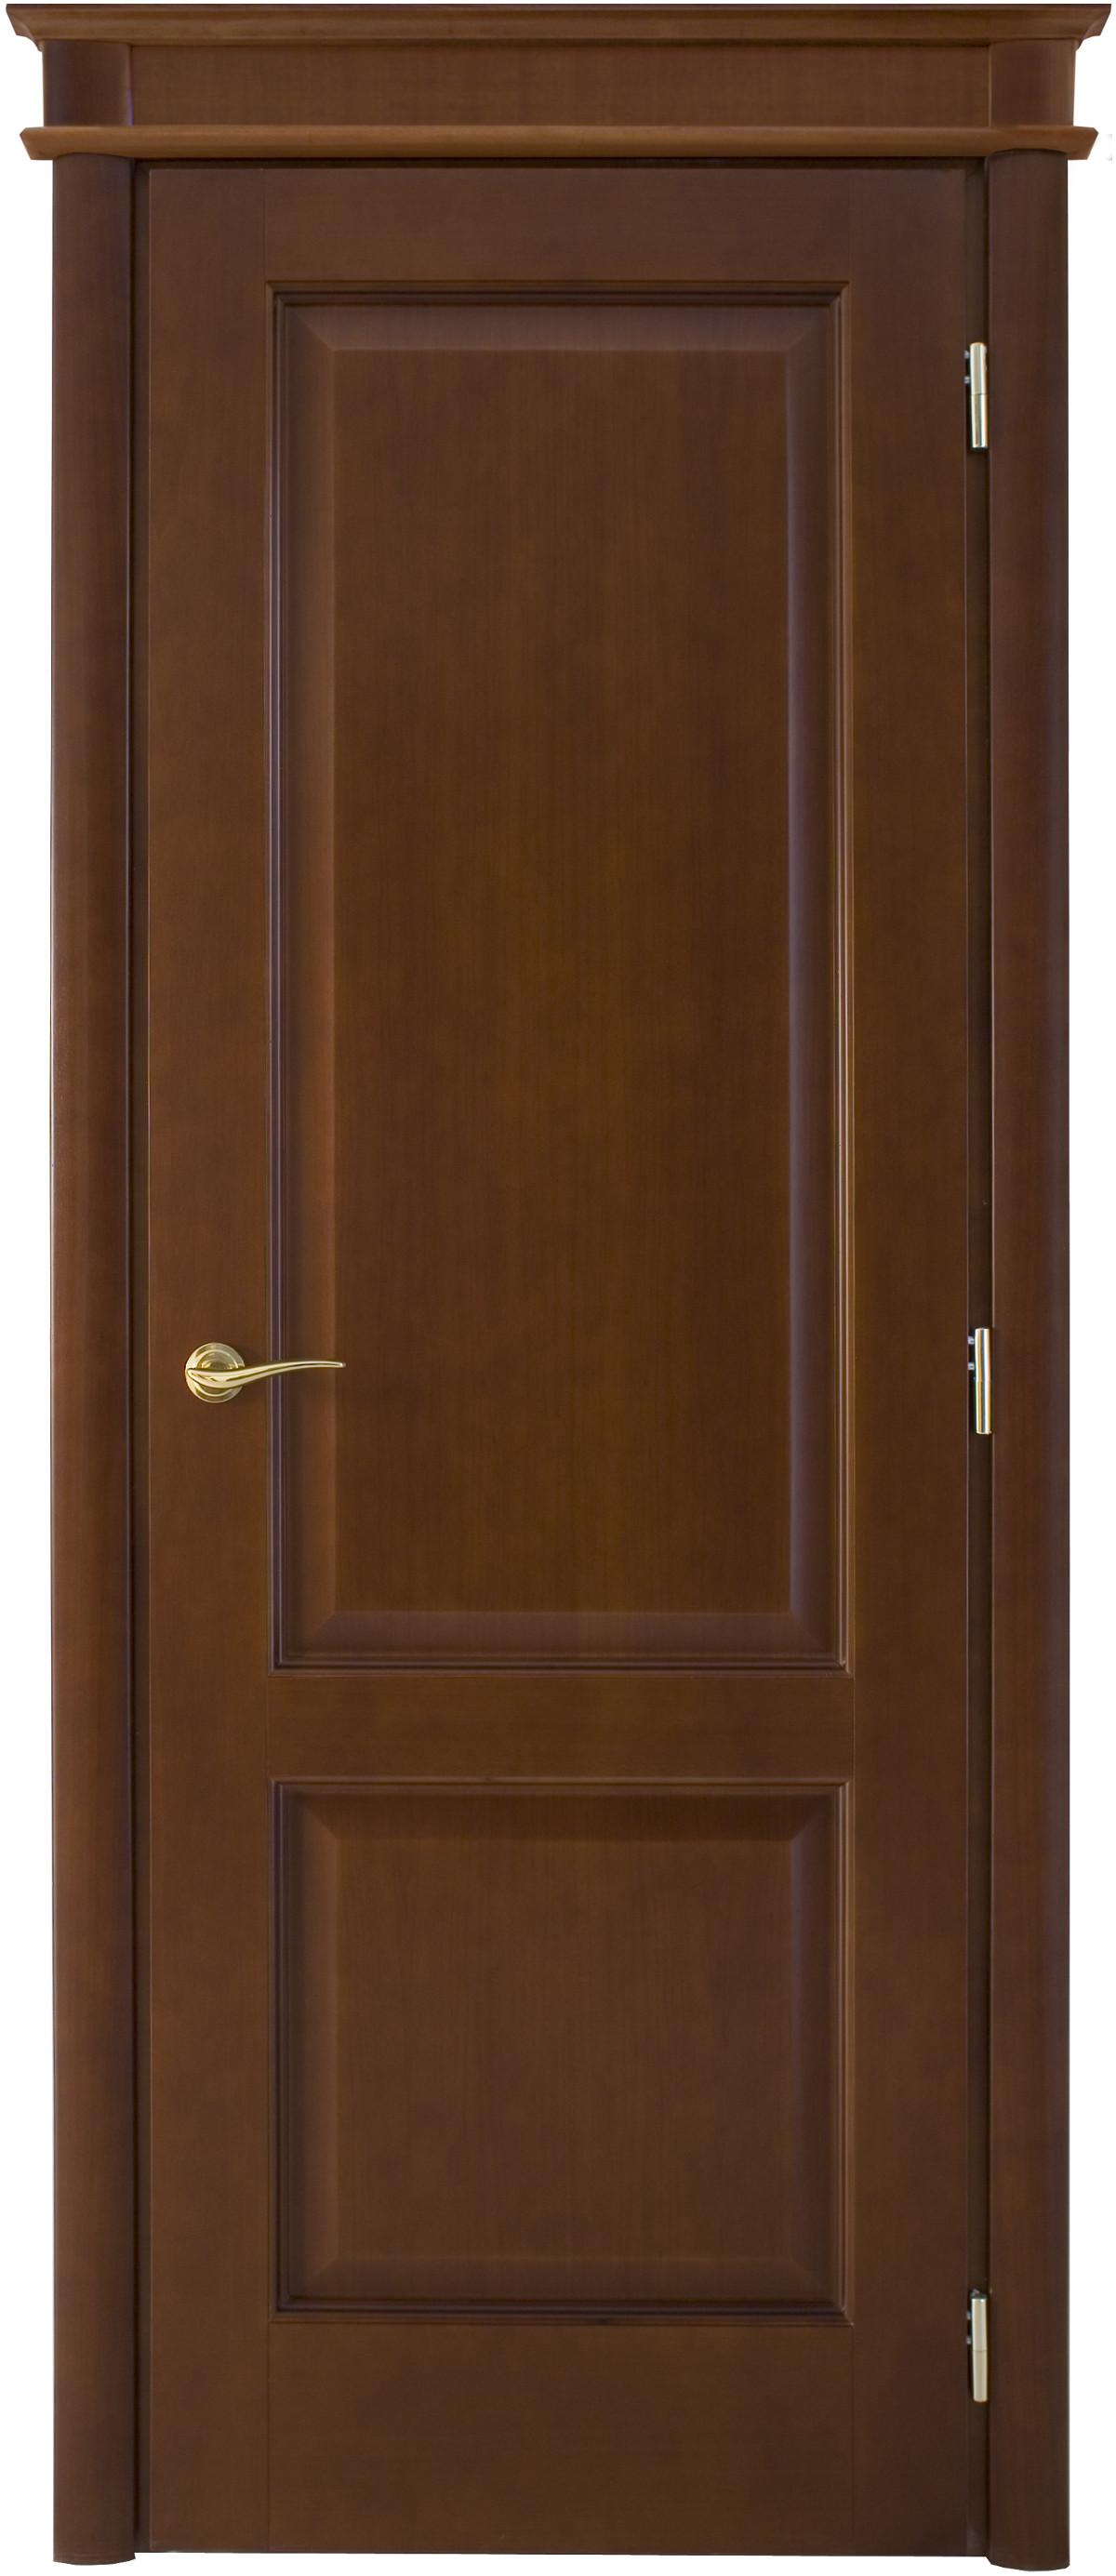 Межкомнатная / входная дверь, отделка: натуральный шпон, Capri 2PB